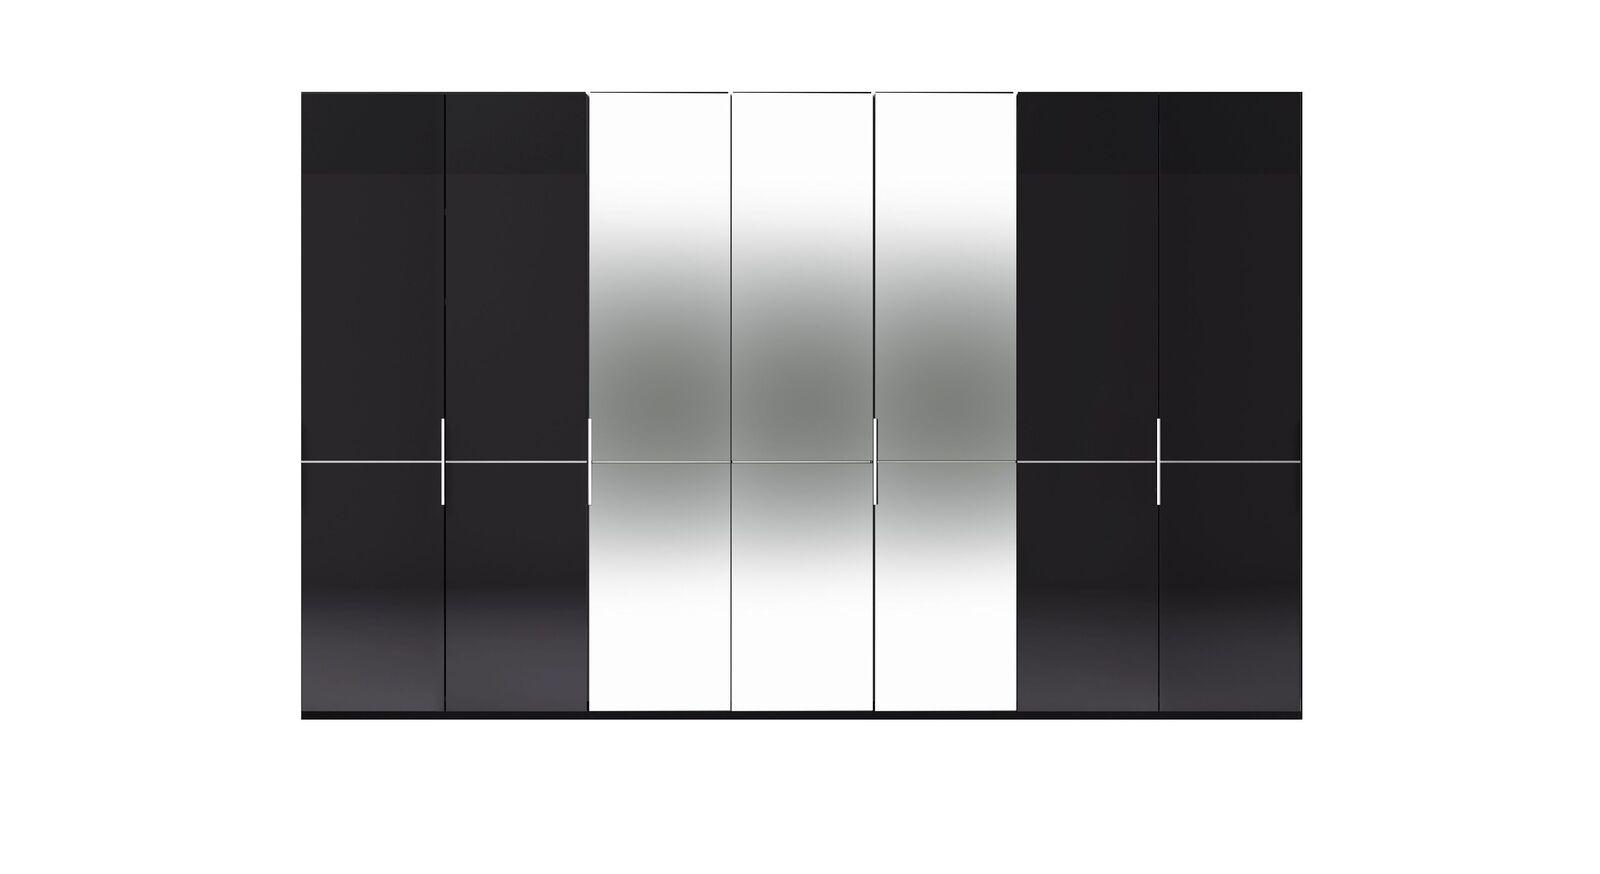 7-türiger GALLERY M Spiegel-Drehtüren-Kleiderschrank IMOLA W Graphit ohne Spiegel